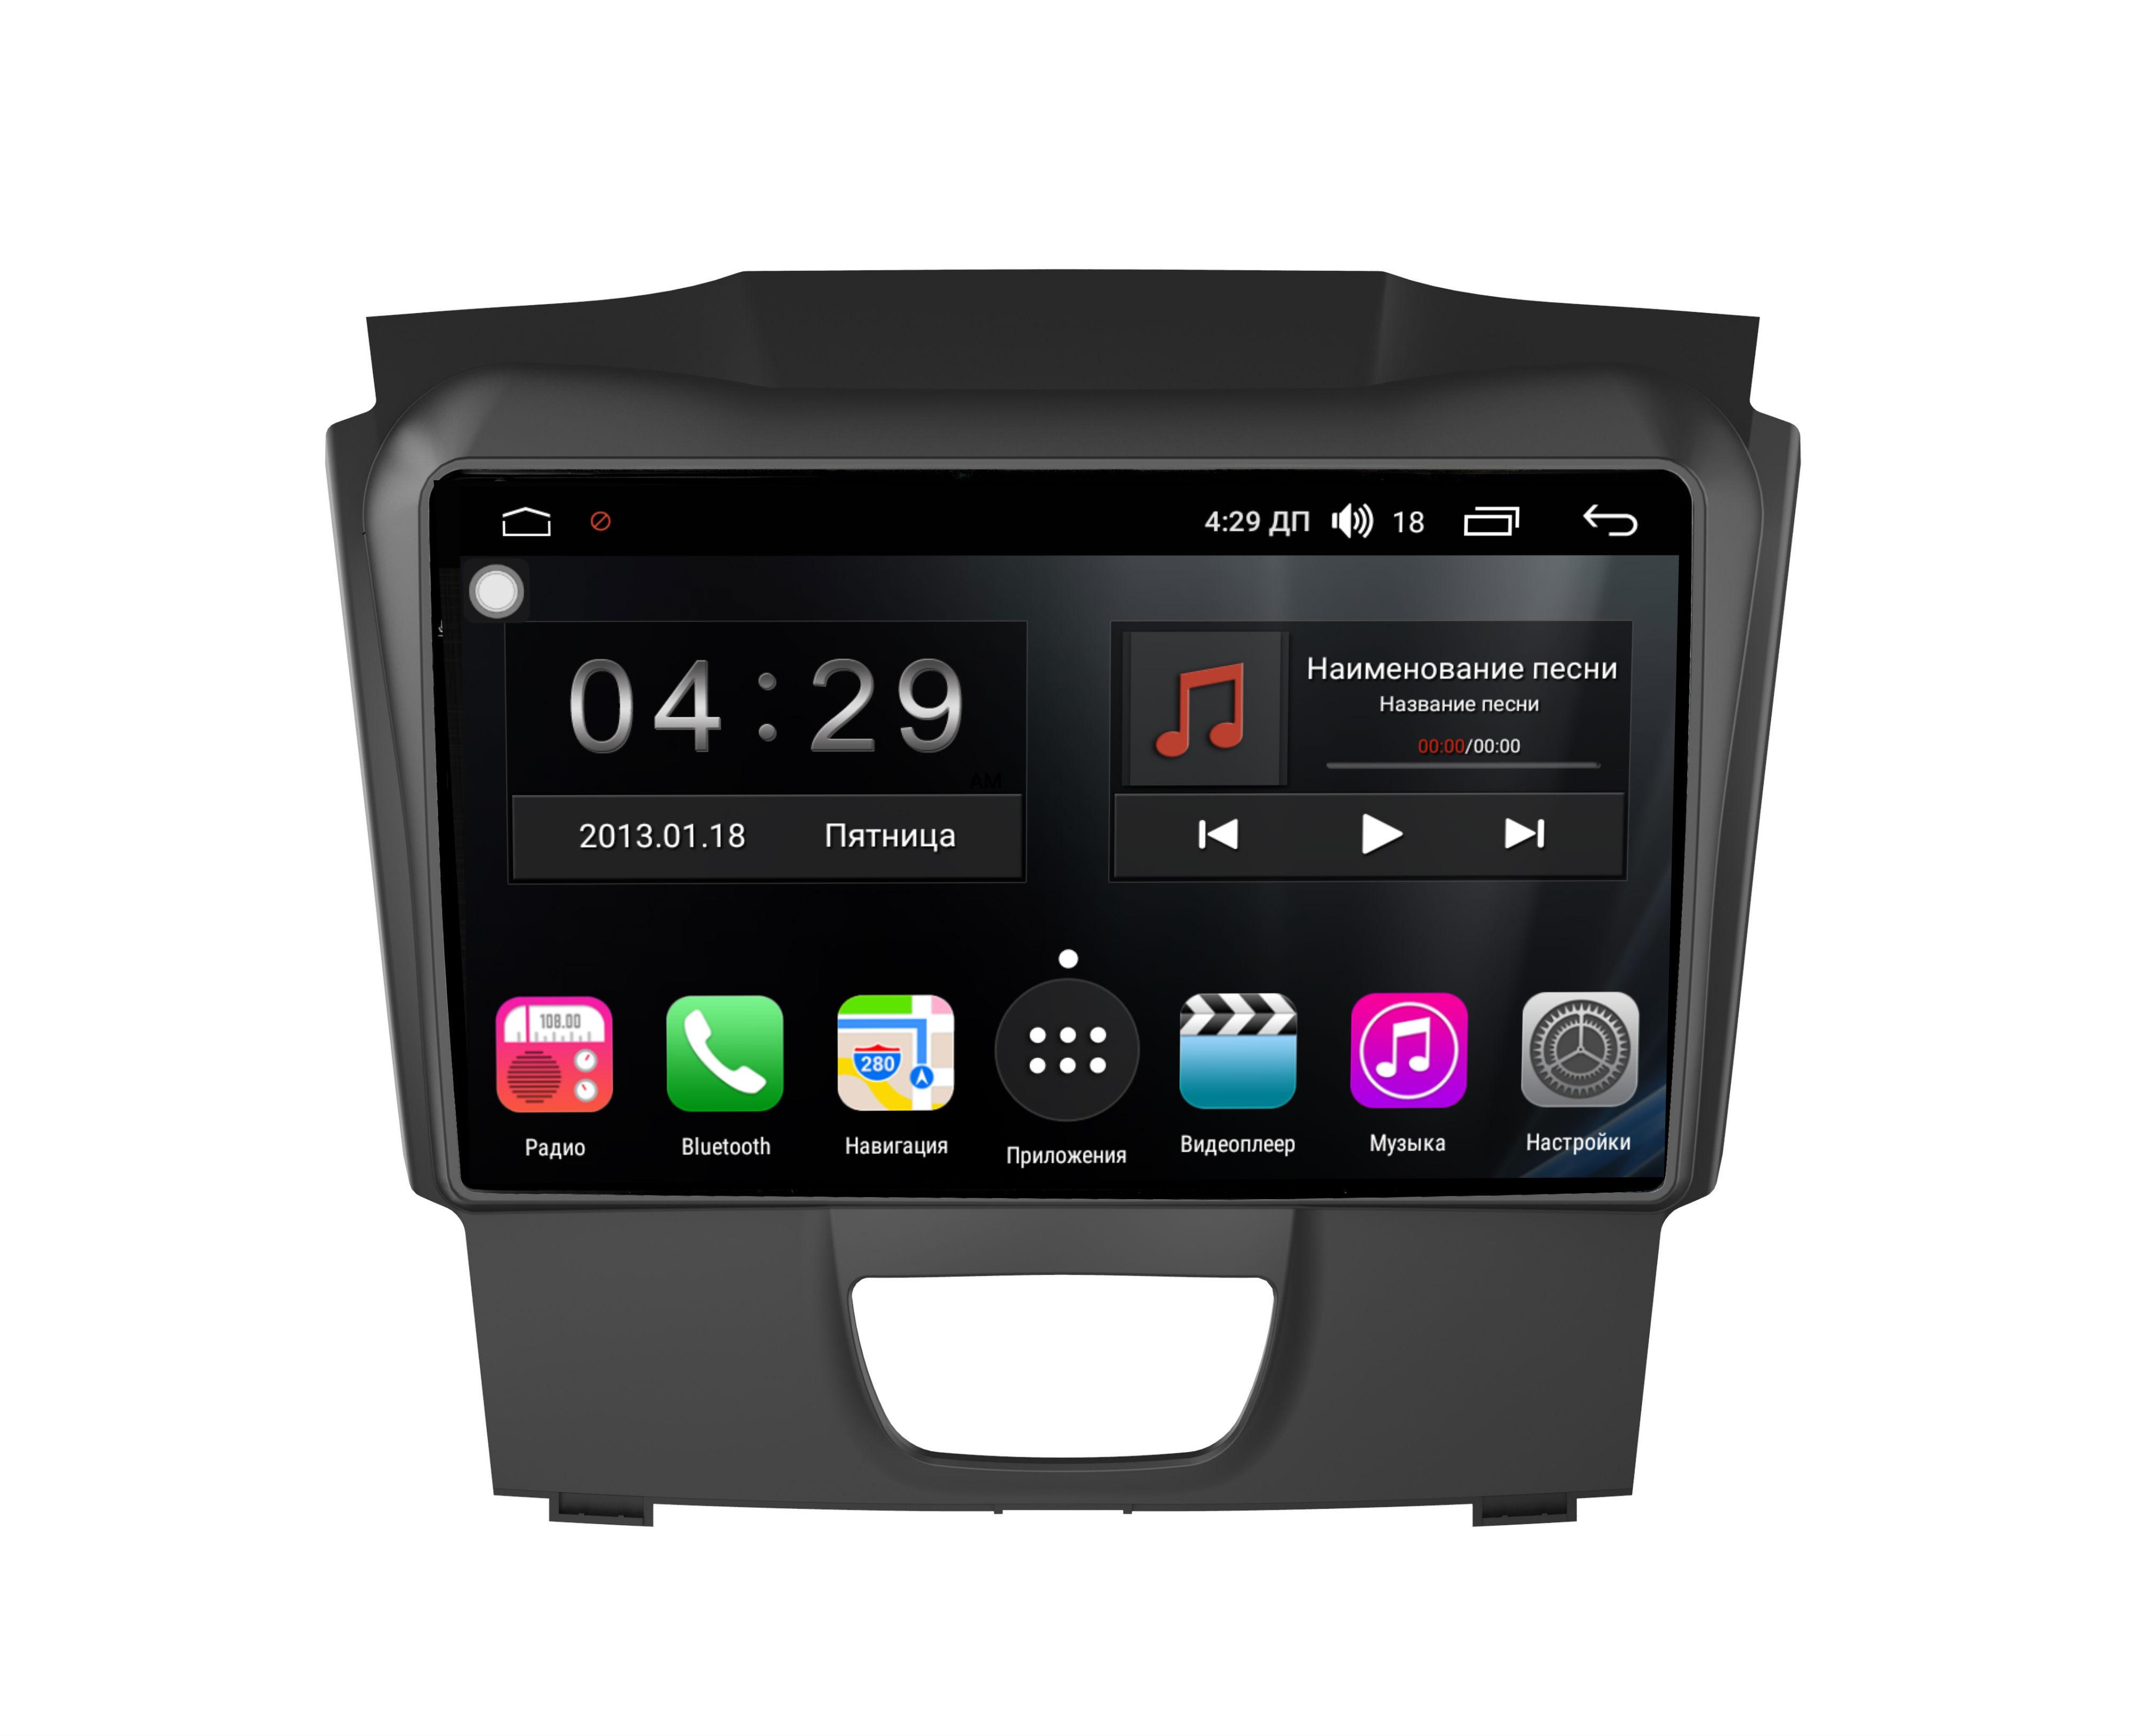 Штатная магнитола FarCar s300 для Chevrolet Colorado, Trailblazer на Android (RL435R) (+ Камера заднего вида в подарок!)